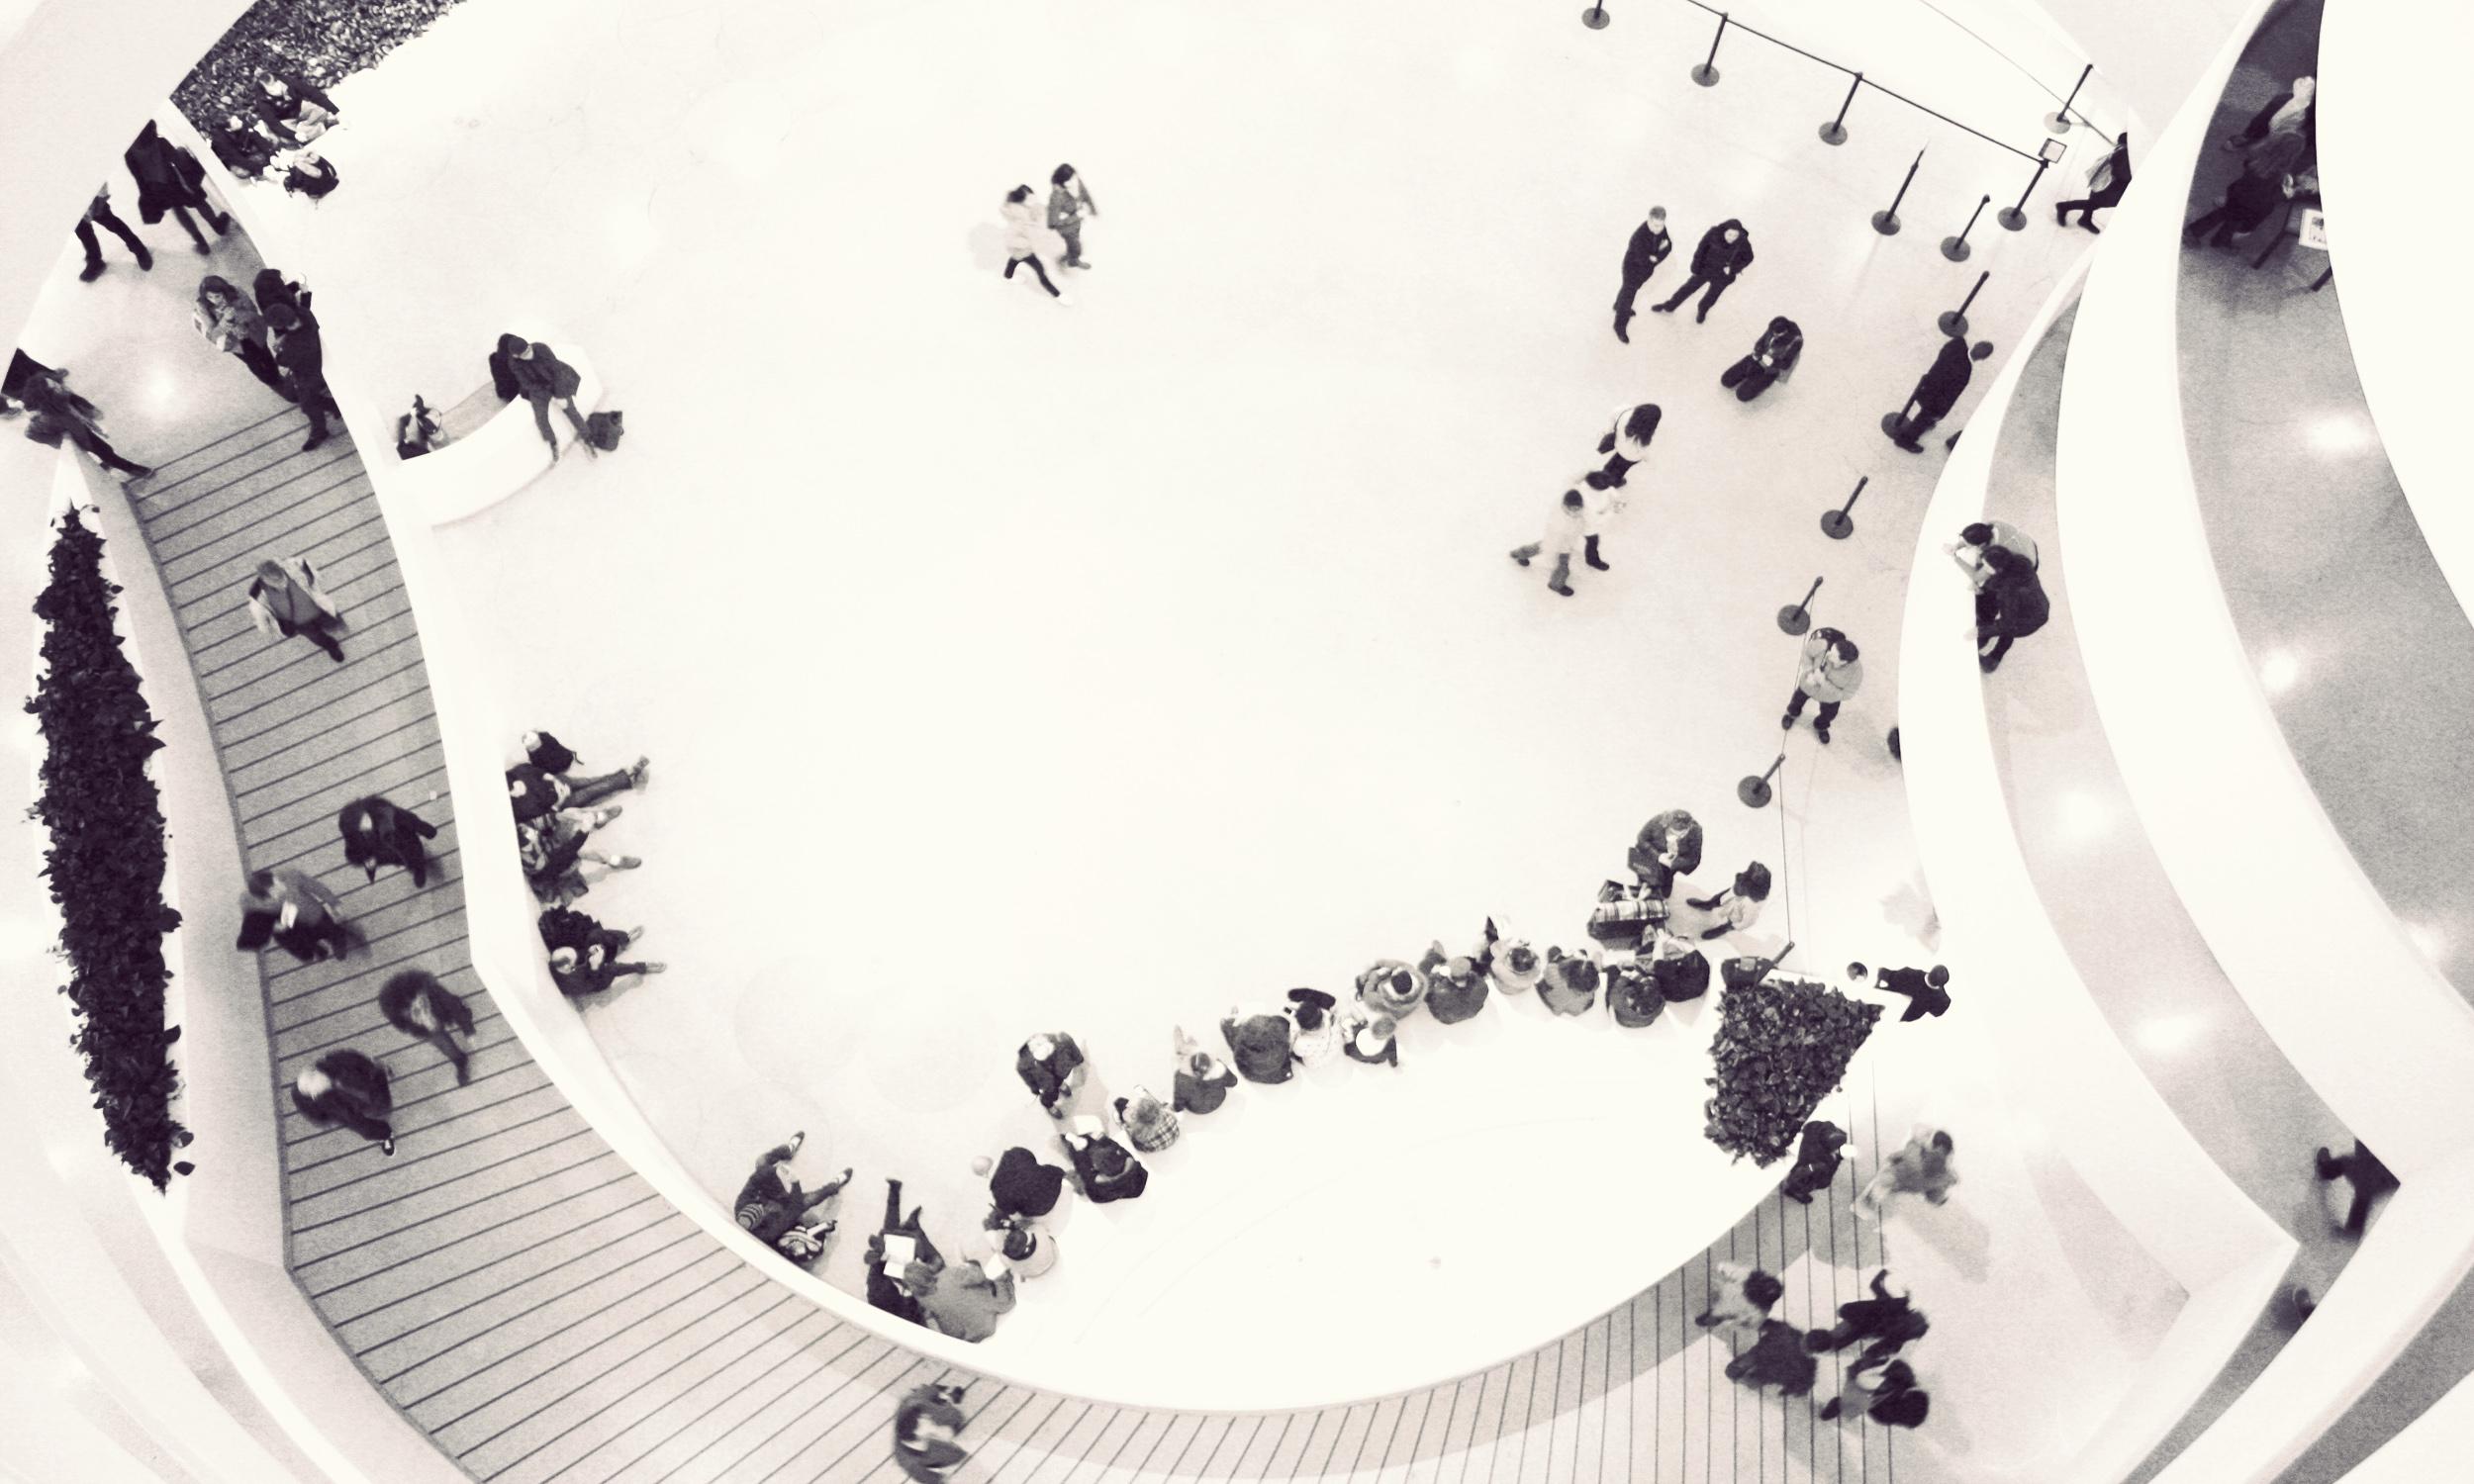 NYC_Guggenheim-Museum-Interior_05.jpg